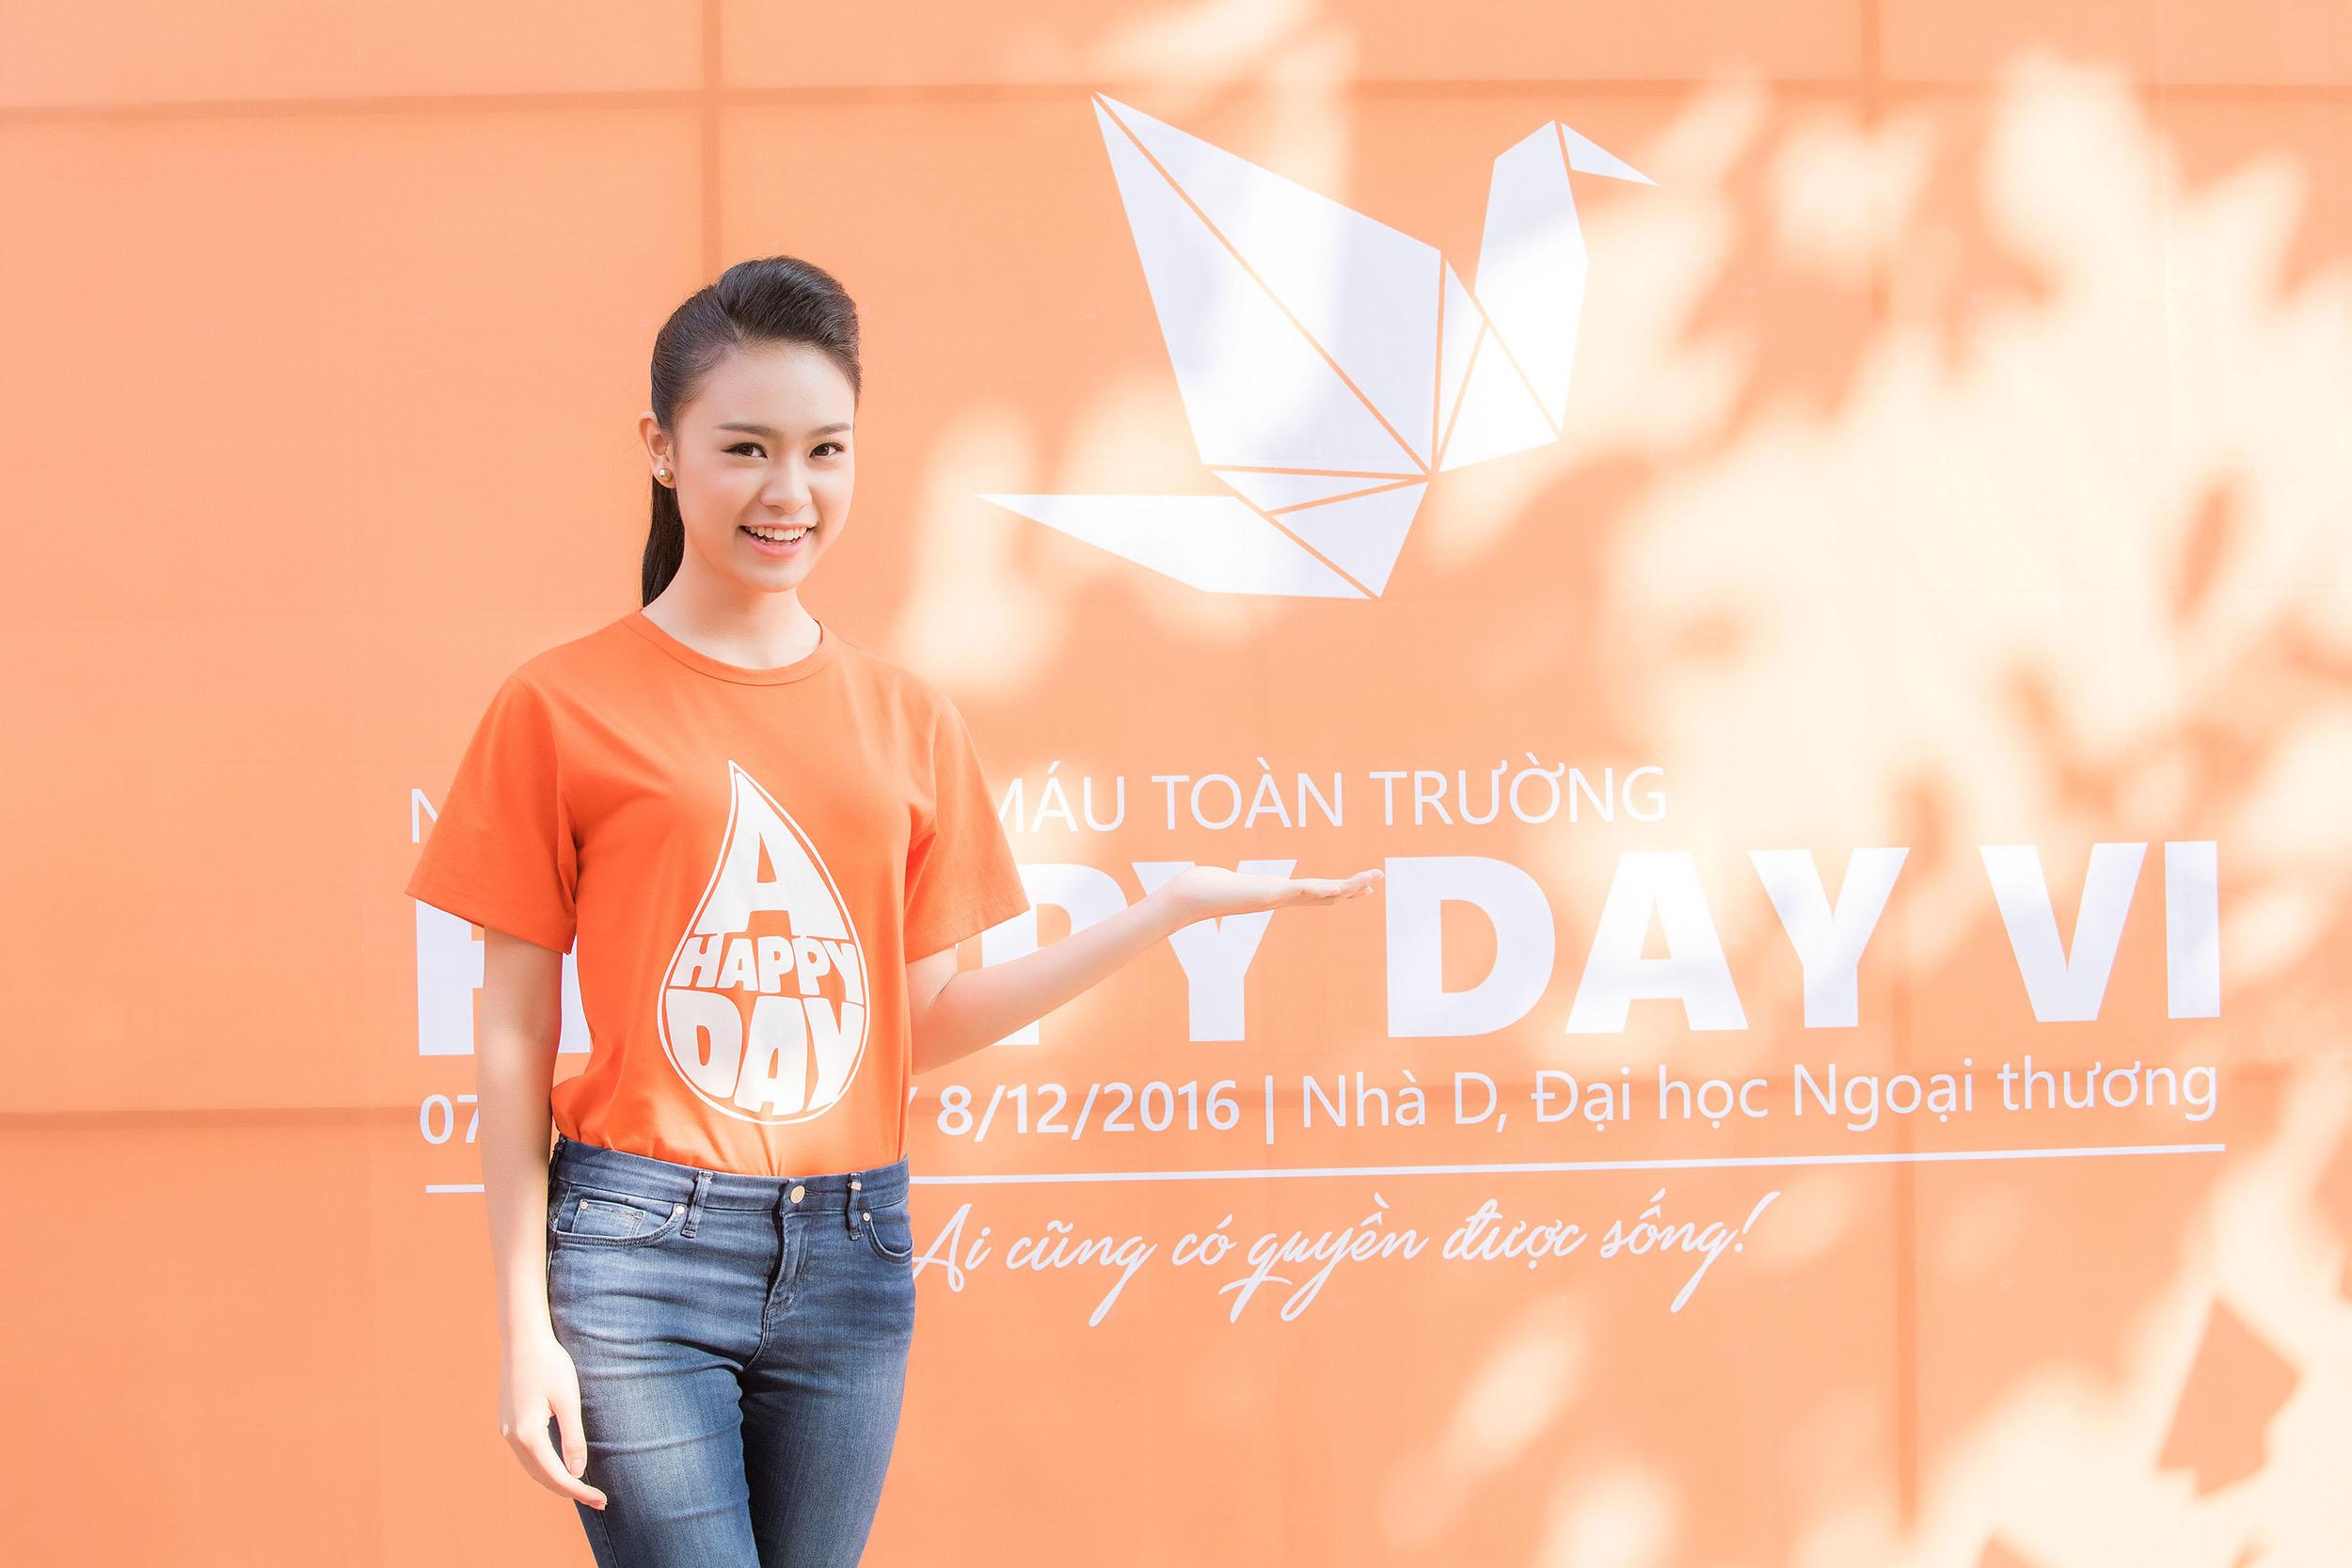 Người đẹp học giỏi của Hoa hậu Việt Nam làm đại sứ ngày hội hiến máu 4